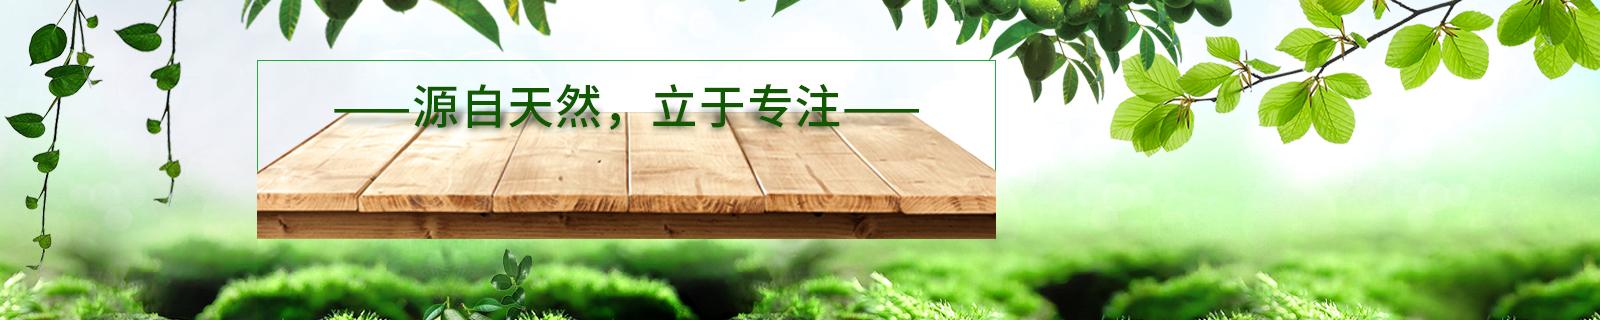 建筑木方如何防腐,木方防腐的处理方法